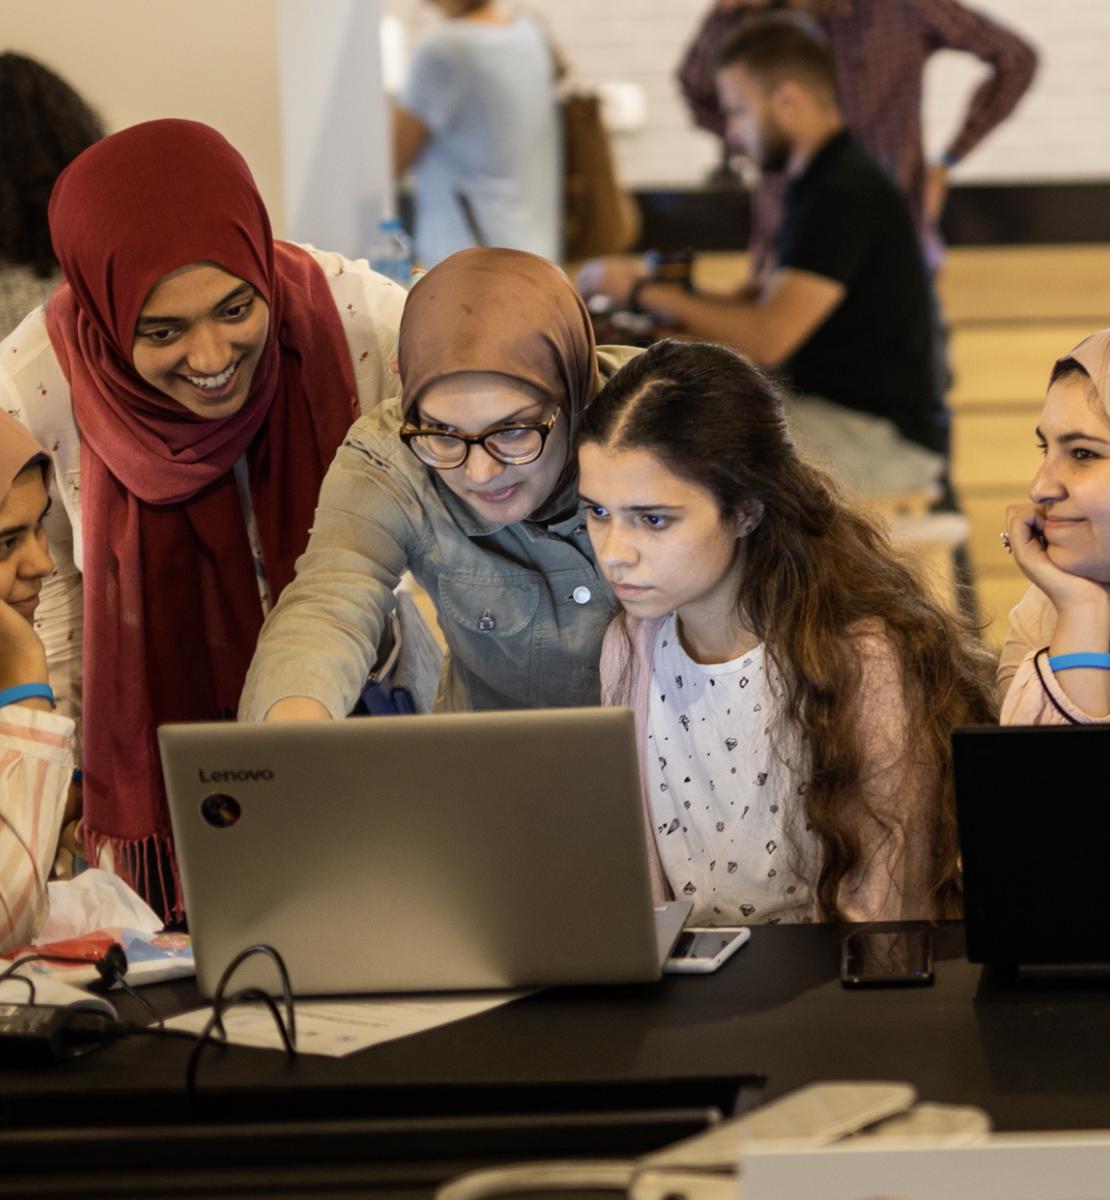 5 jeunes femmes travaillent ensemble sur un écran d'ordinateur portable dans une salle où plusieurs autres personnes consultent des ordinateurs.